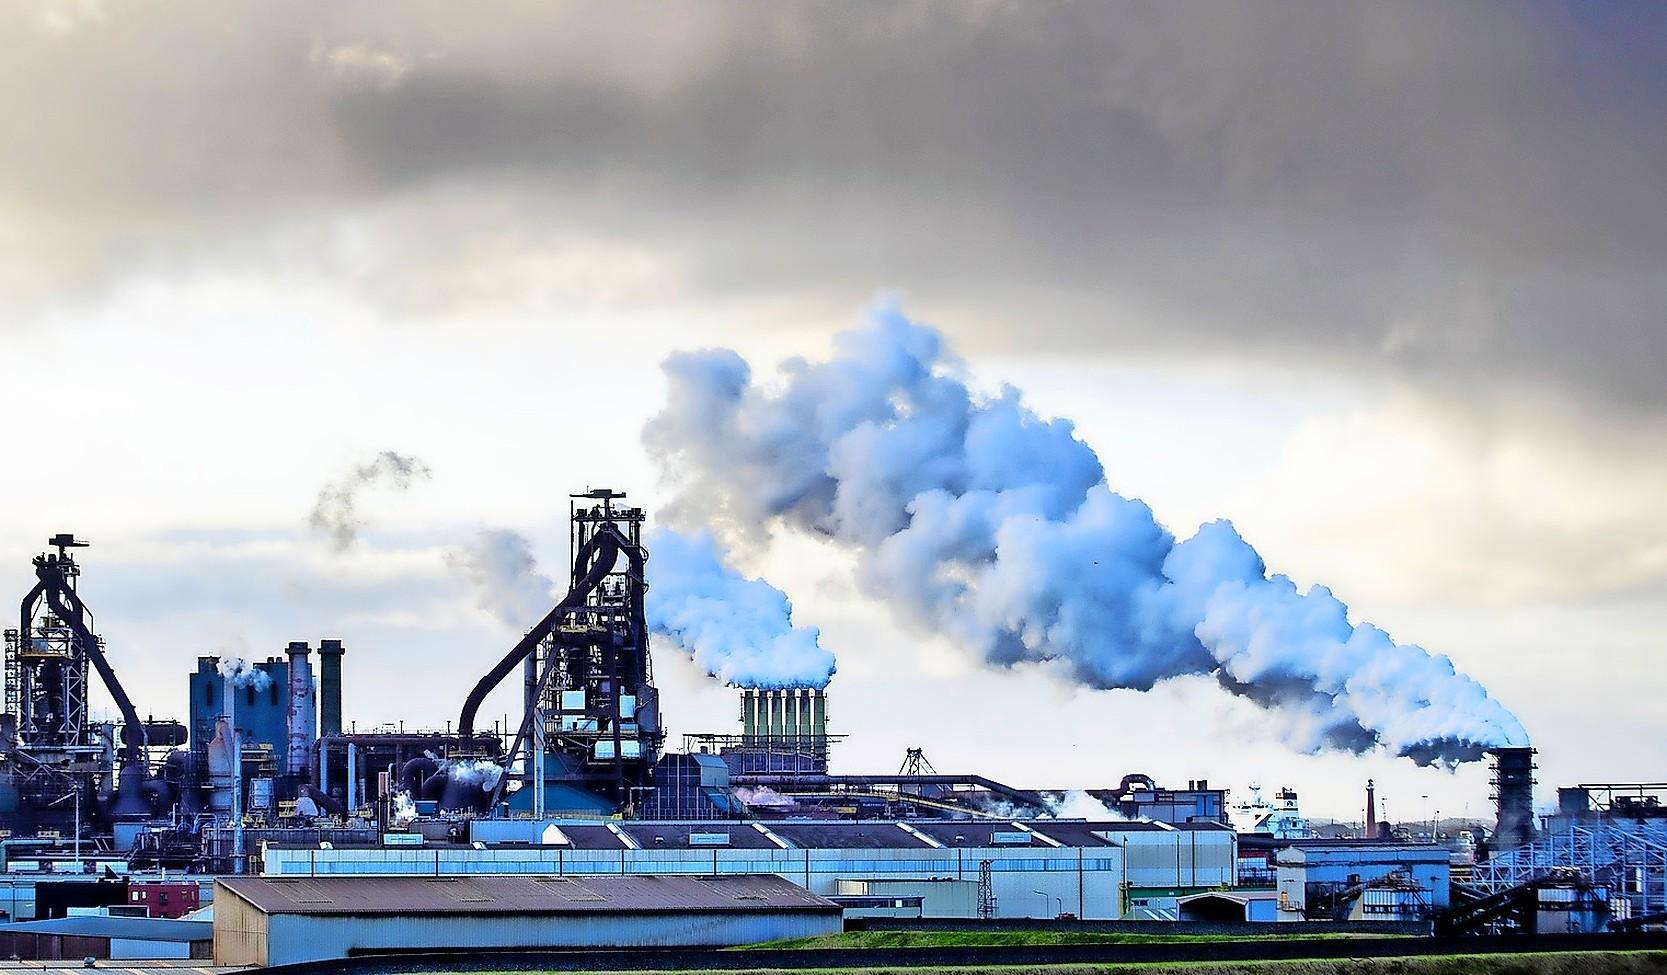 Tata steel Europe ontkent dat er plan is voor splitsing van Engelse en Nederlandse bedrijven: 'We doen dit samen'